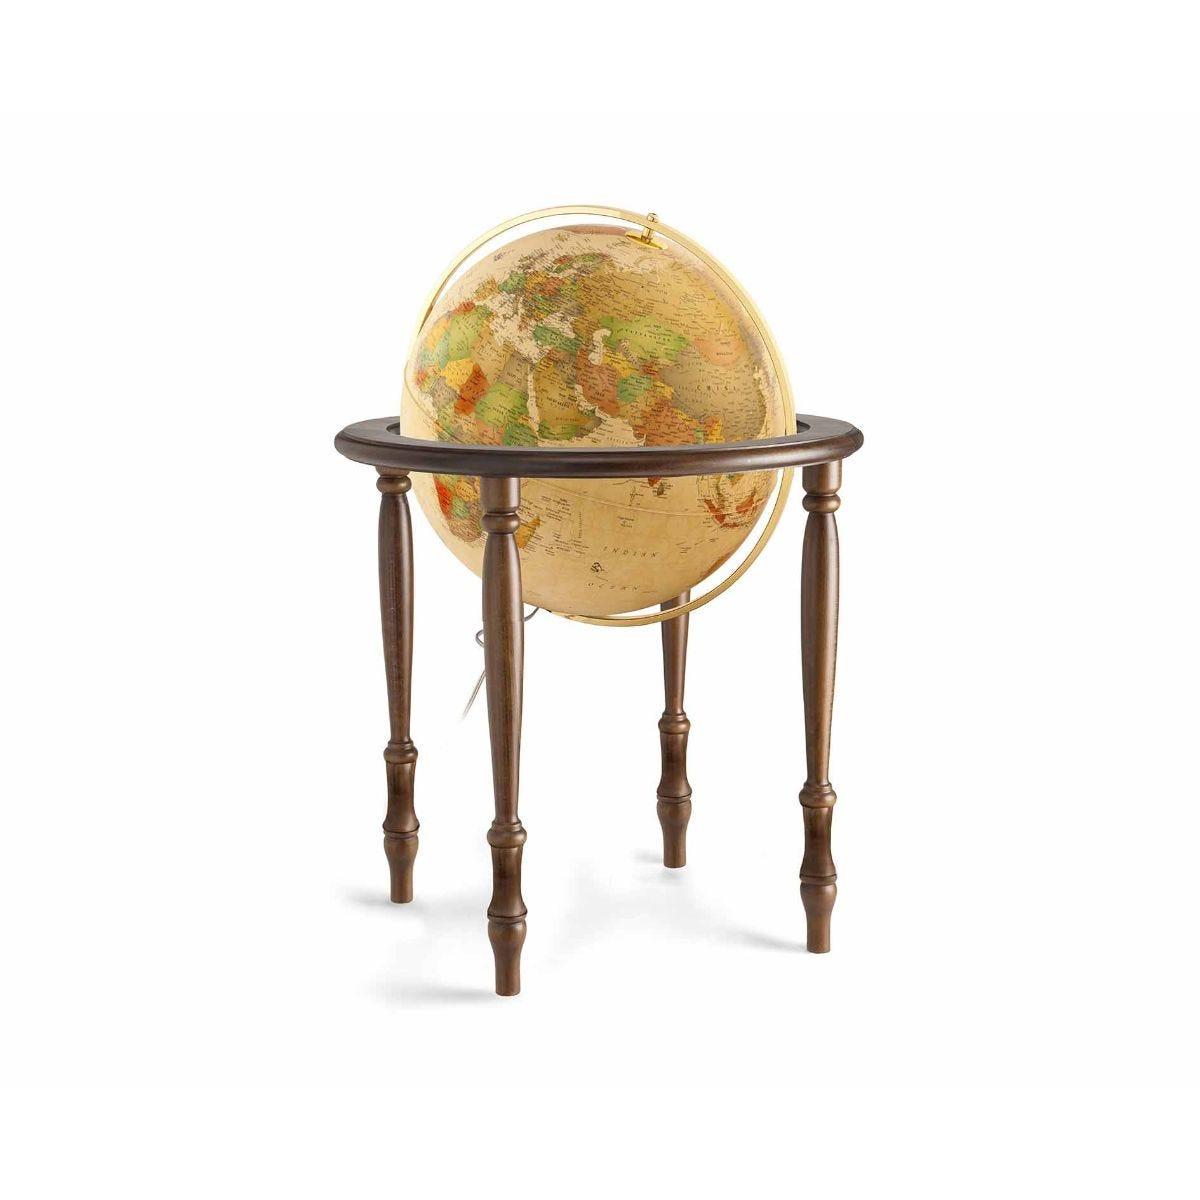 Image of Cinthia Illuminated Globe 50cm Freestanding, Hardwood